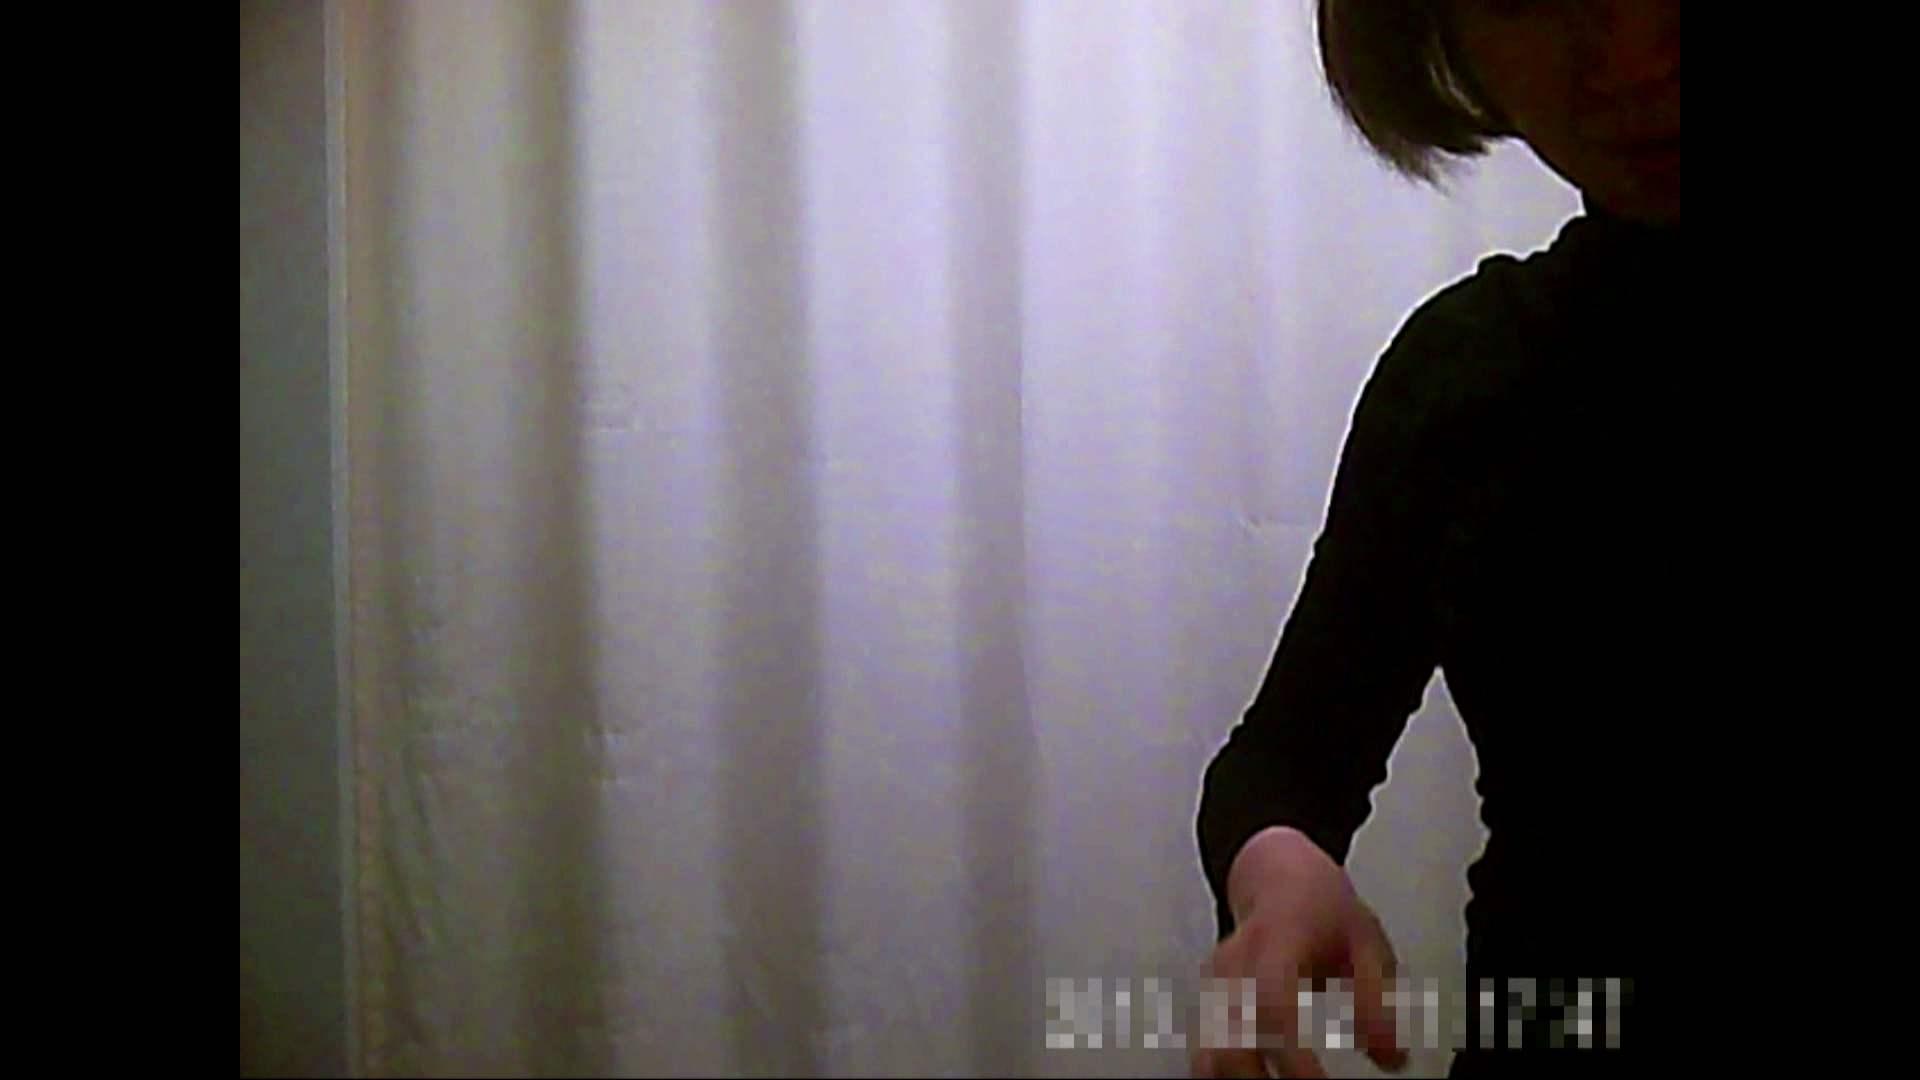 元医者による反抗 更衣室地獄絵巻 vol.098 OL  106pic 1